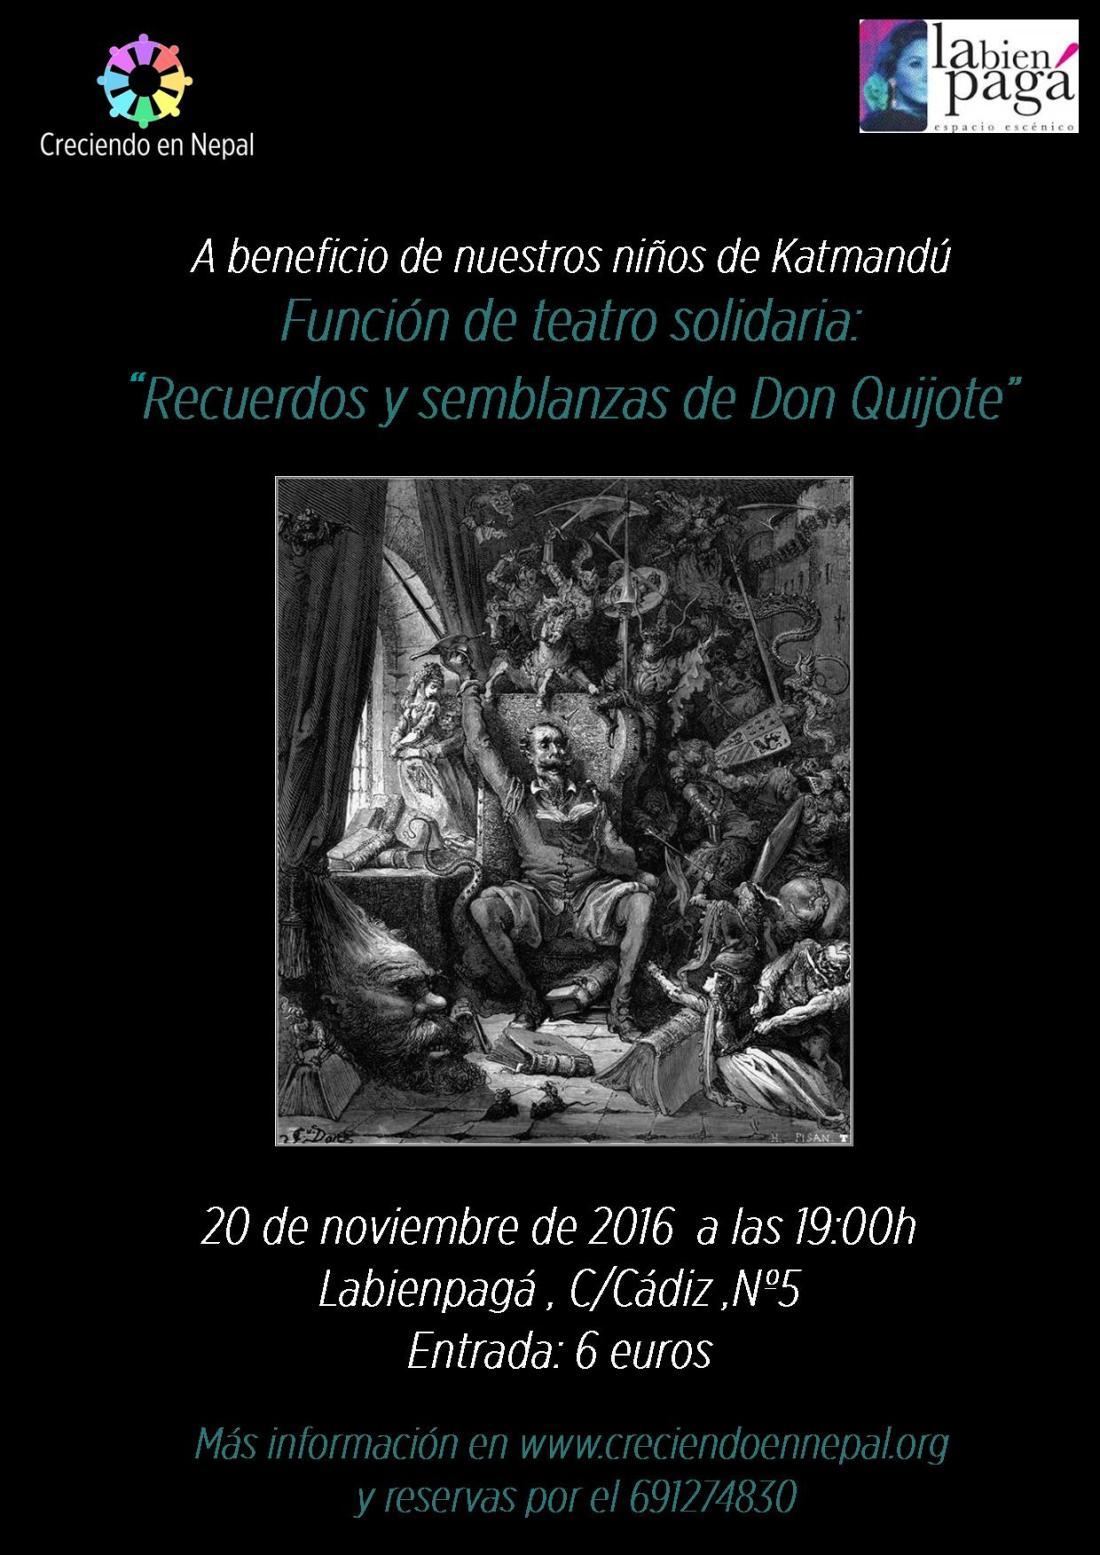 cartel-para-promocionar-obra-de-teatro-del-quijote_20denoviembre